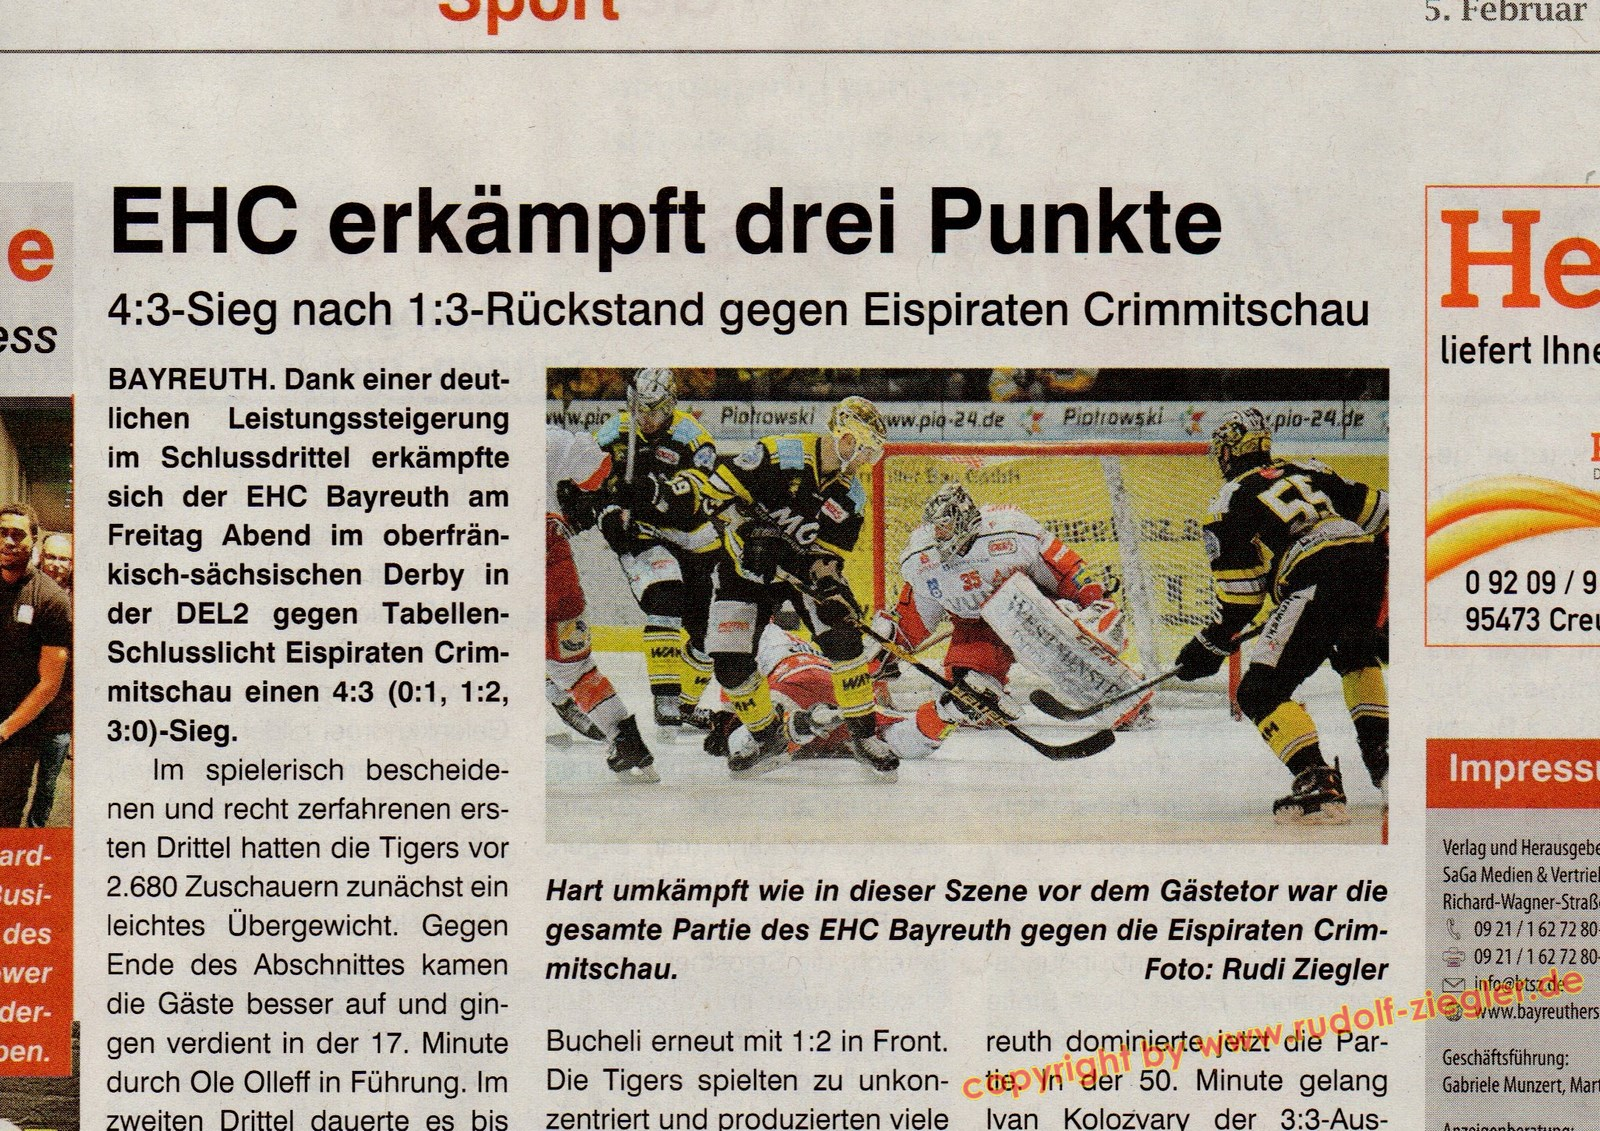 Bayreuther Sonntagszeitung 2017-02-05-A (1600x1200)